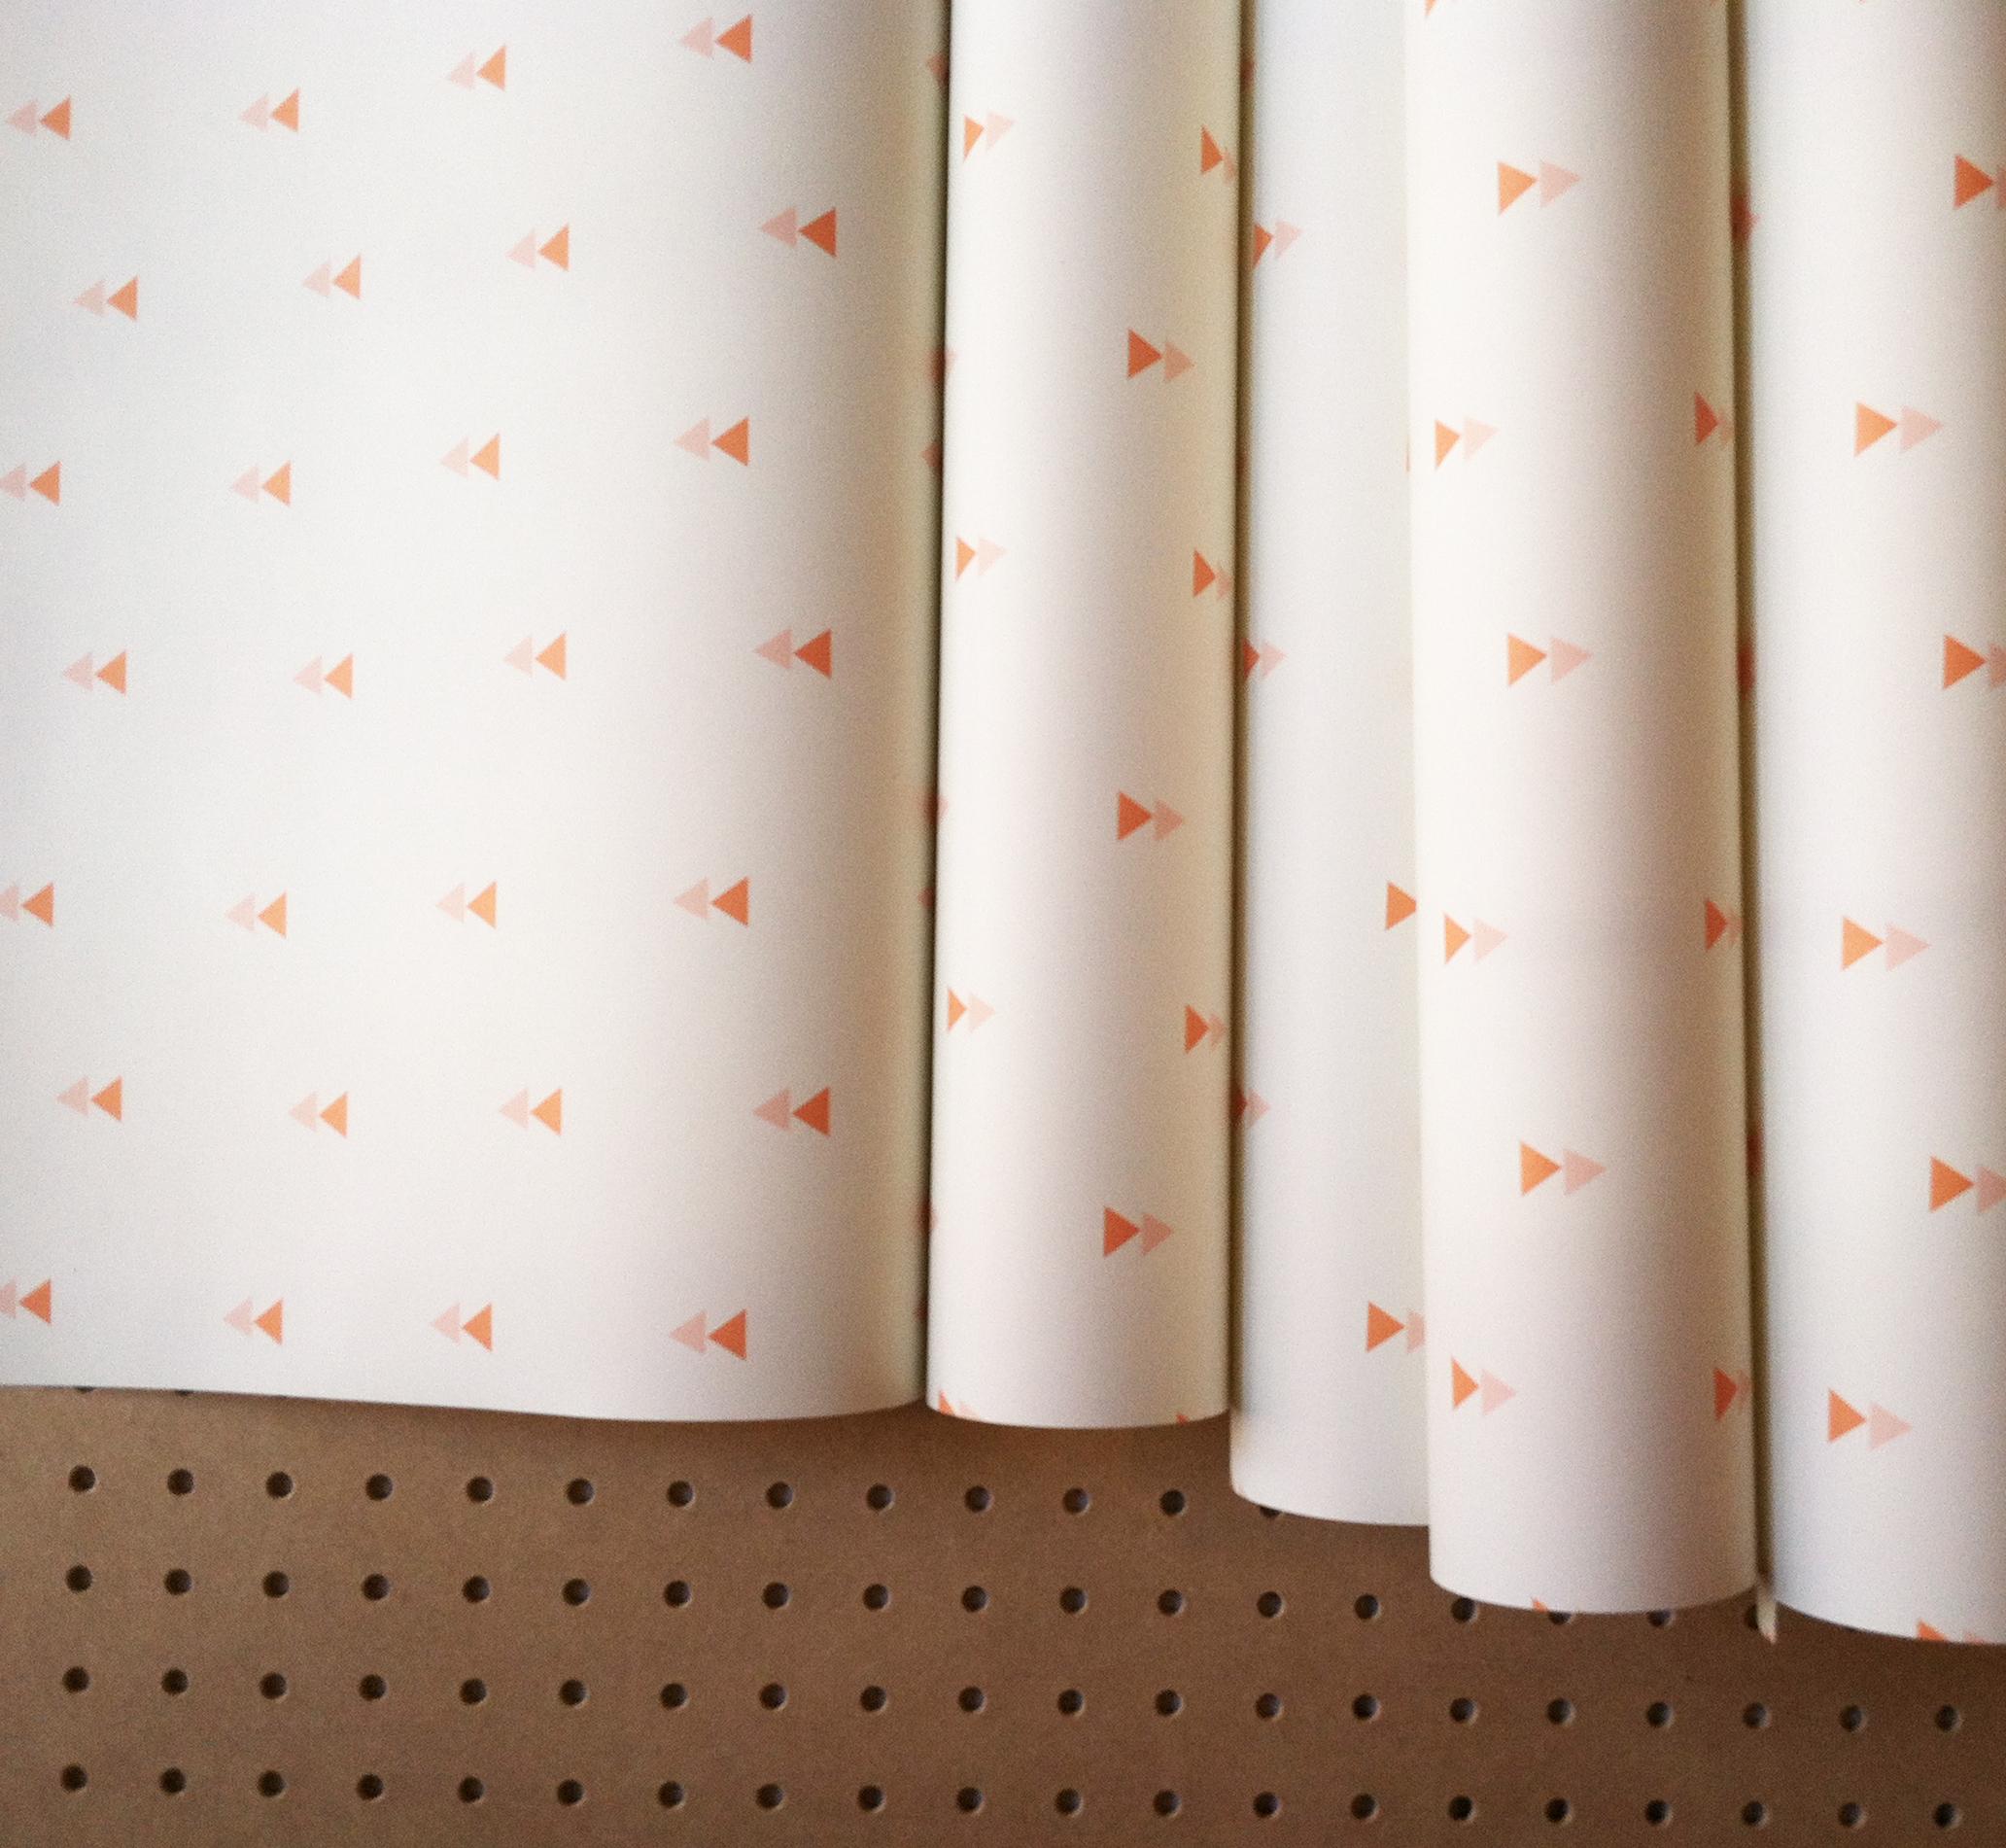 Peach wallpaper 2.JPG